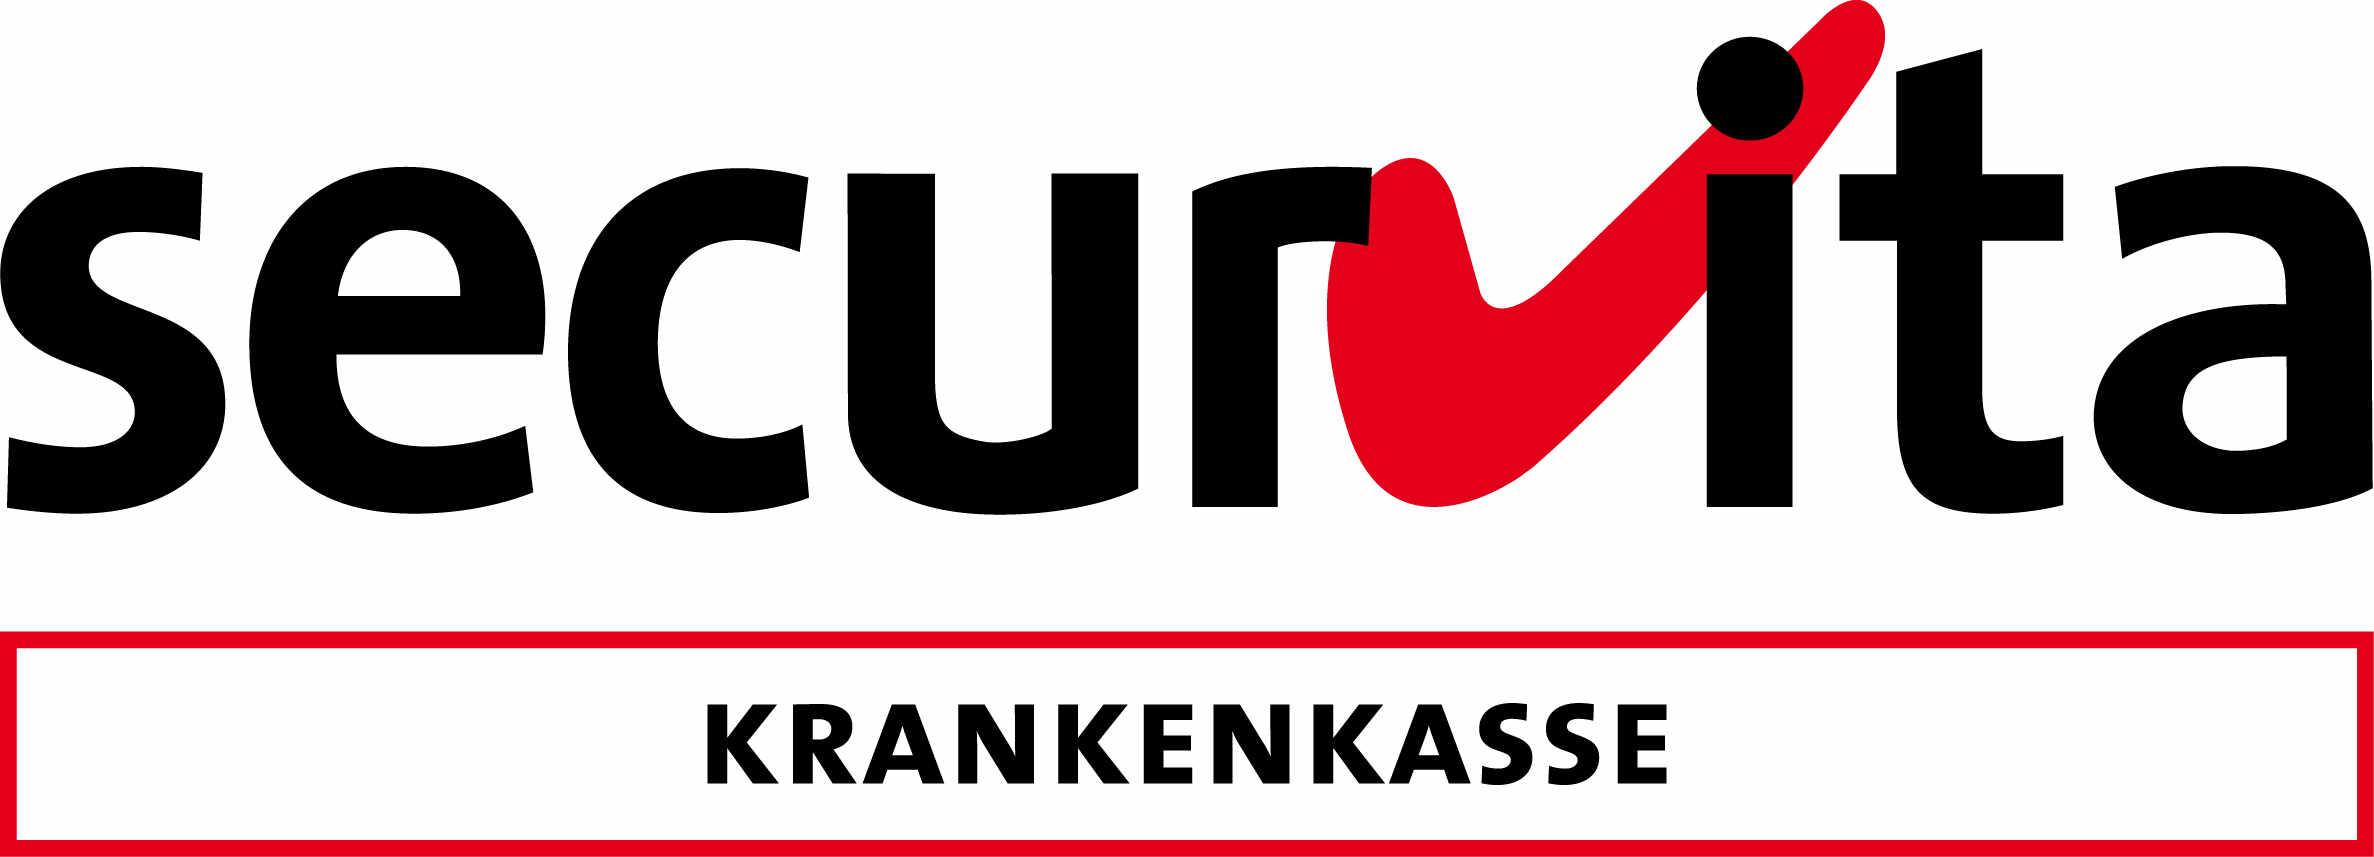 Securvita Krankenkasse Logo